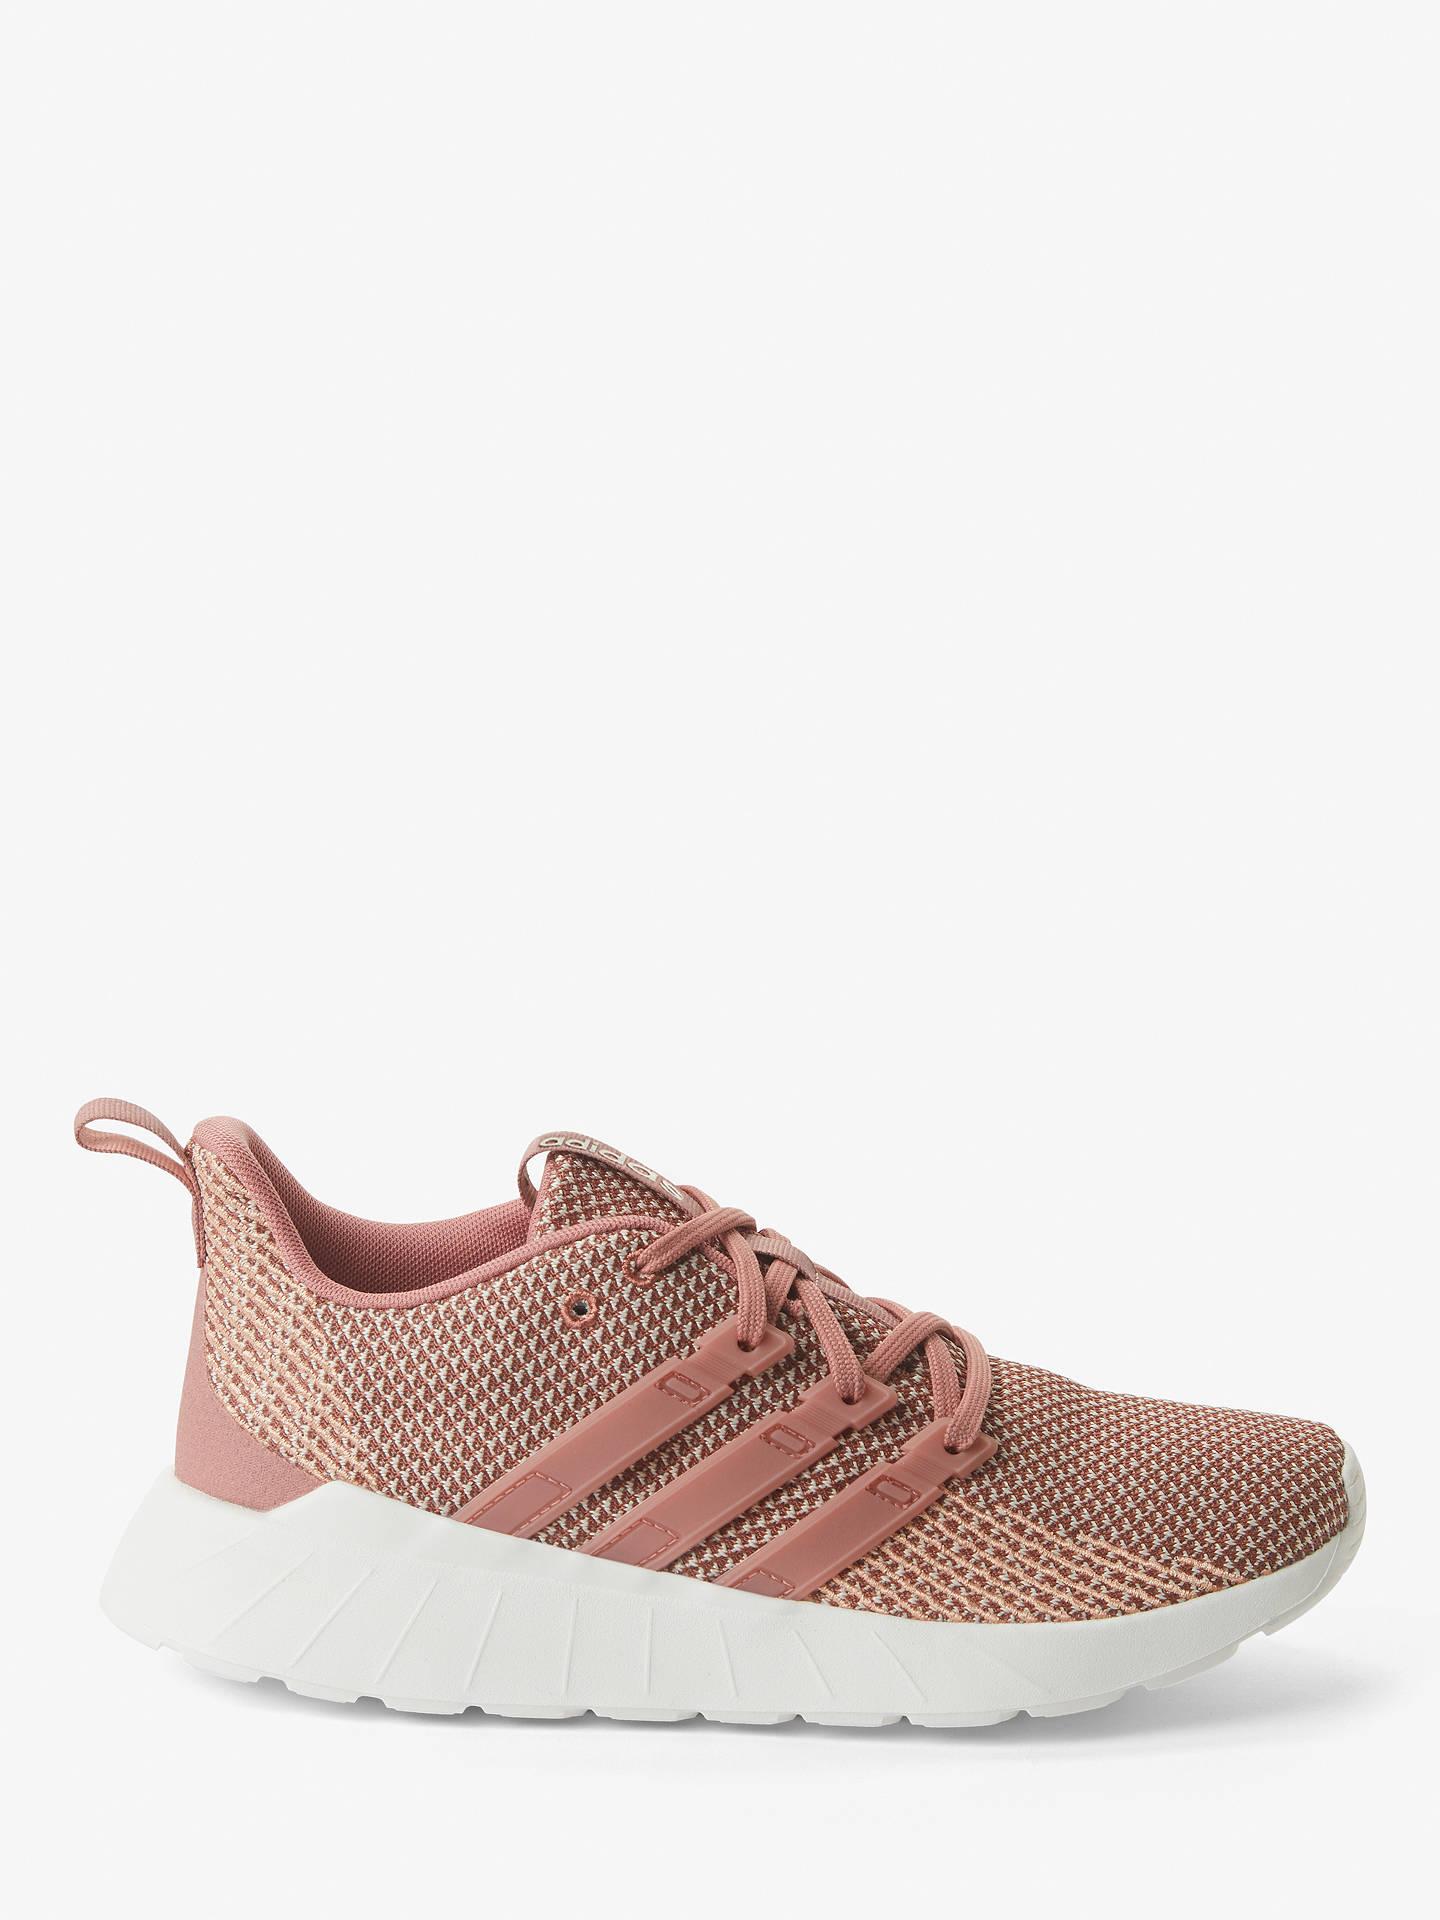 68b286819b adidas Questar Flow Women's Running Shoes, Raw Pink/Linen